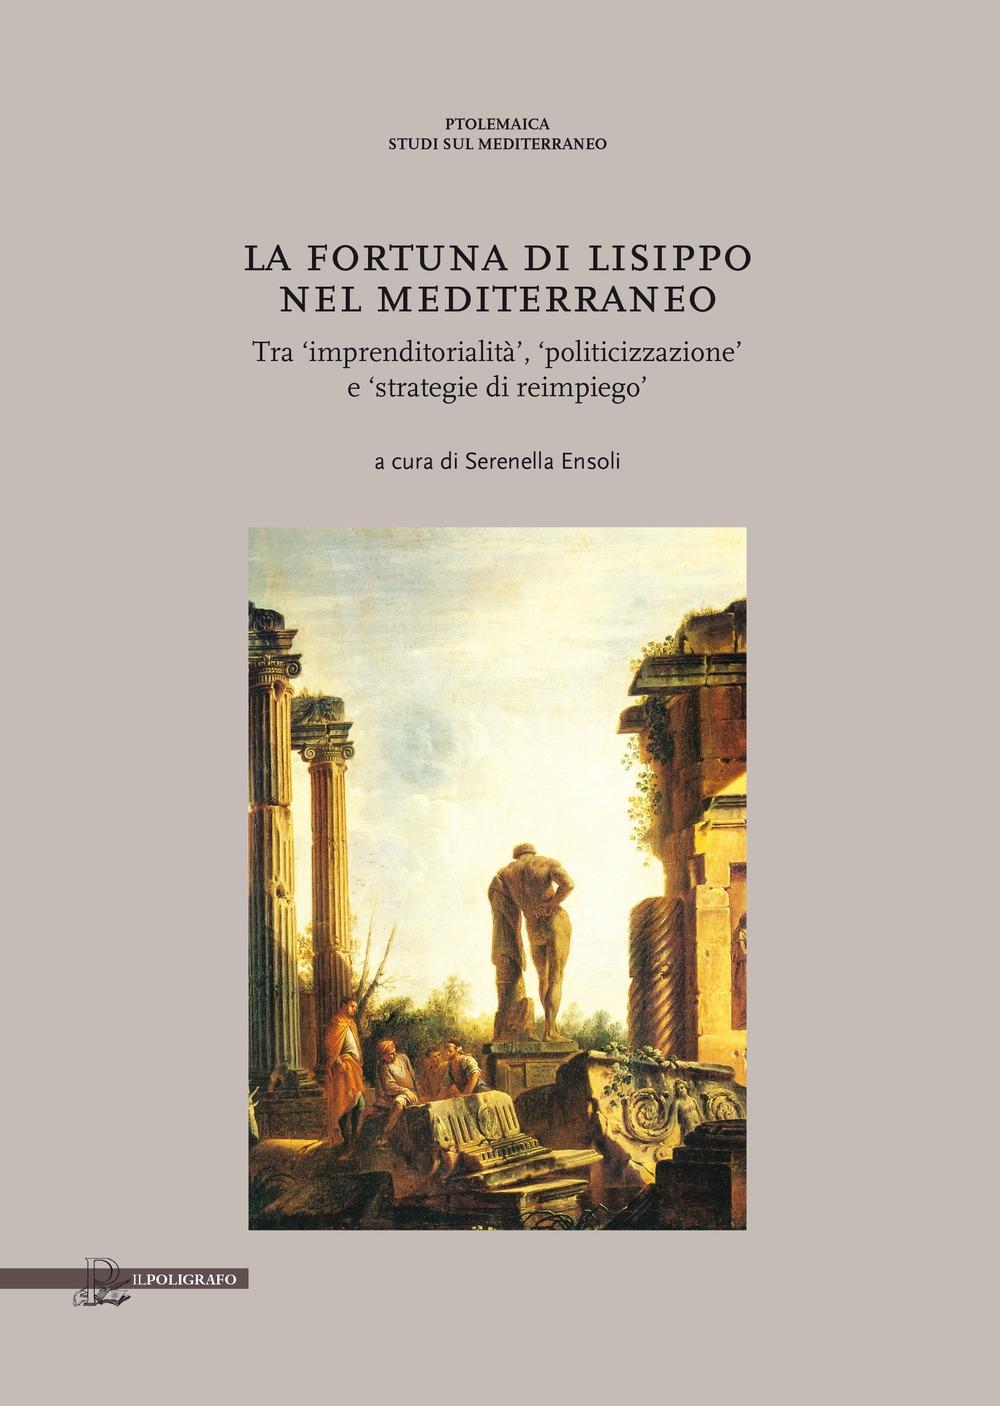 La fortuna di Lisippo nel Mediterraneo. Tra imprenditorialità, politicizzazione e strategie di reimpiego